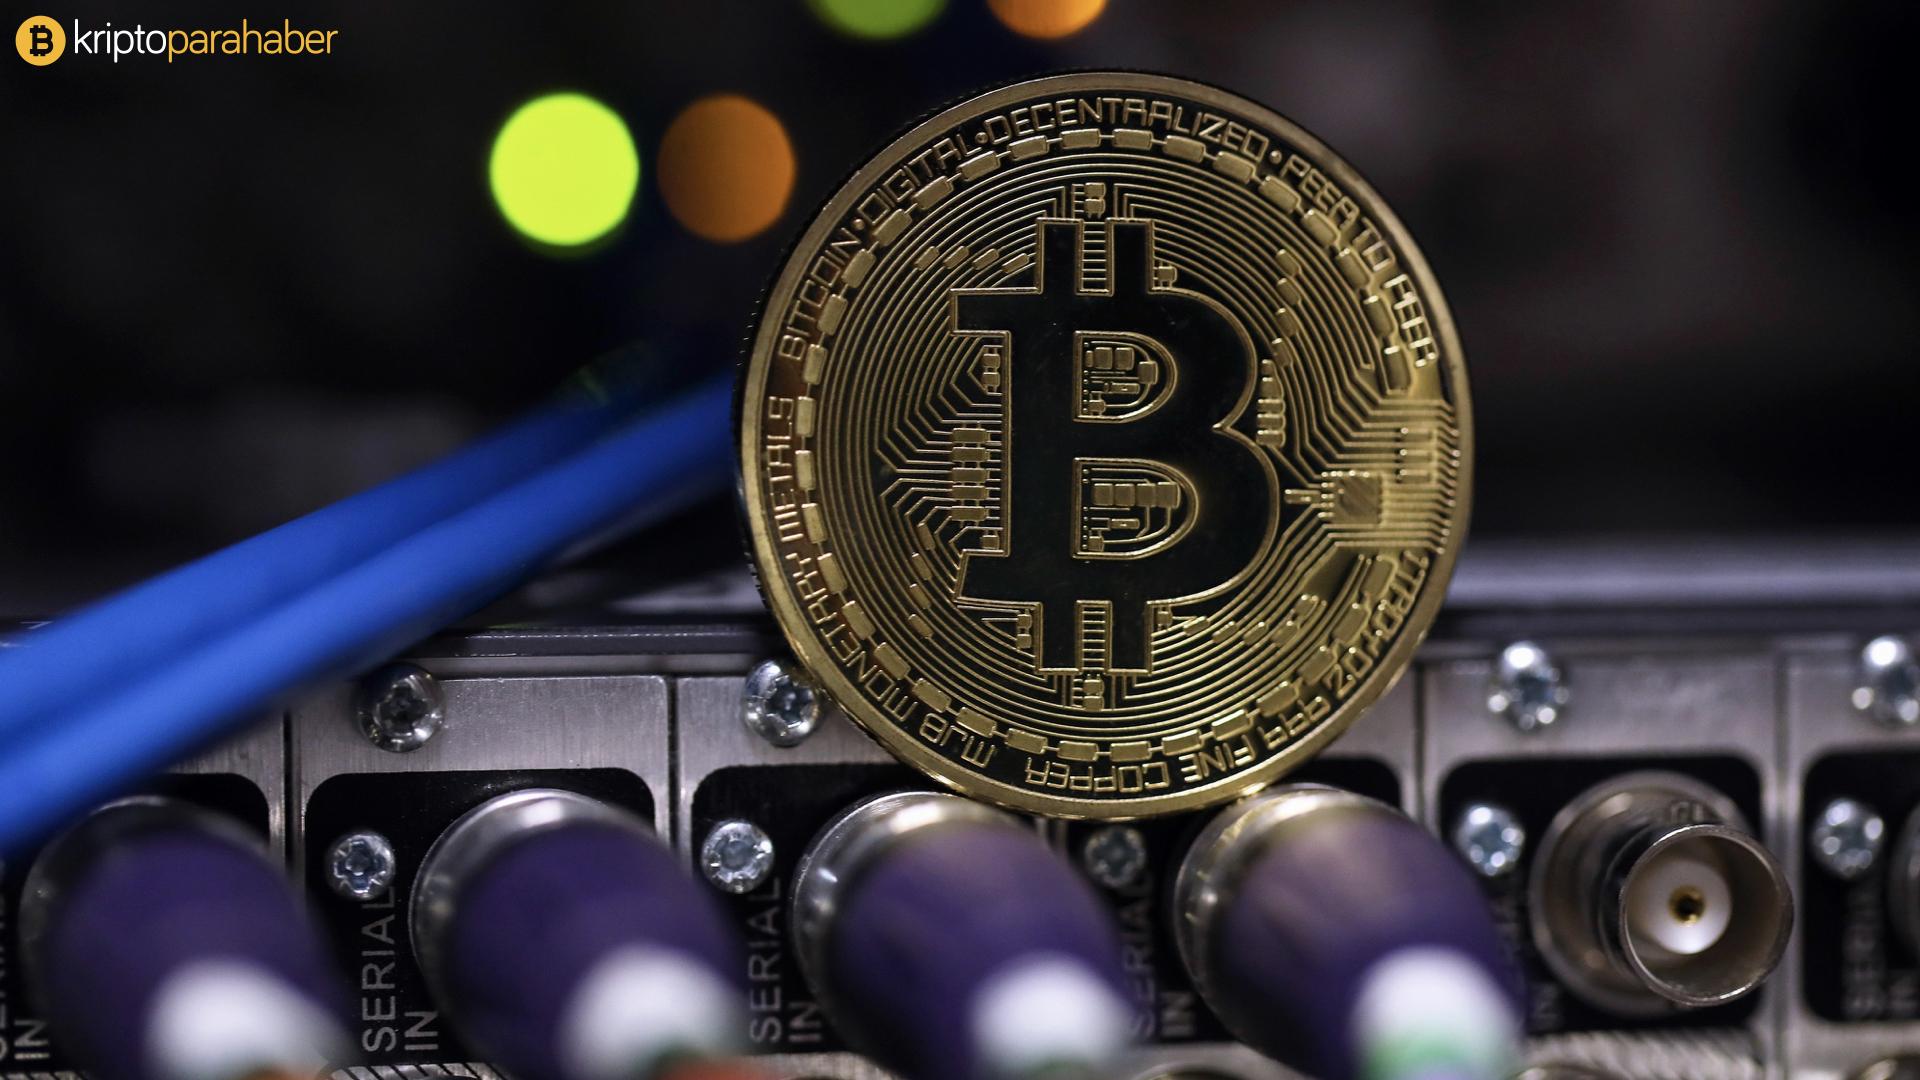 Bu Bitcoin ölçümü bir sonraki BTC boğa rallisini işaret ediyor olabilir